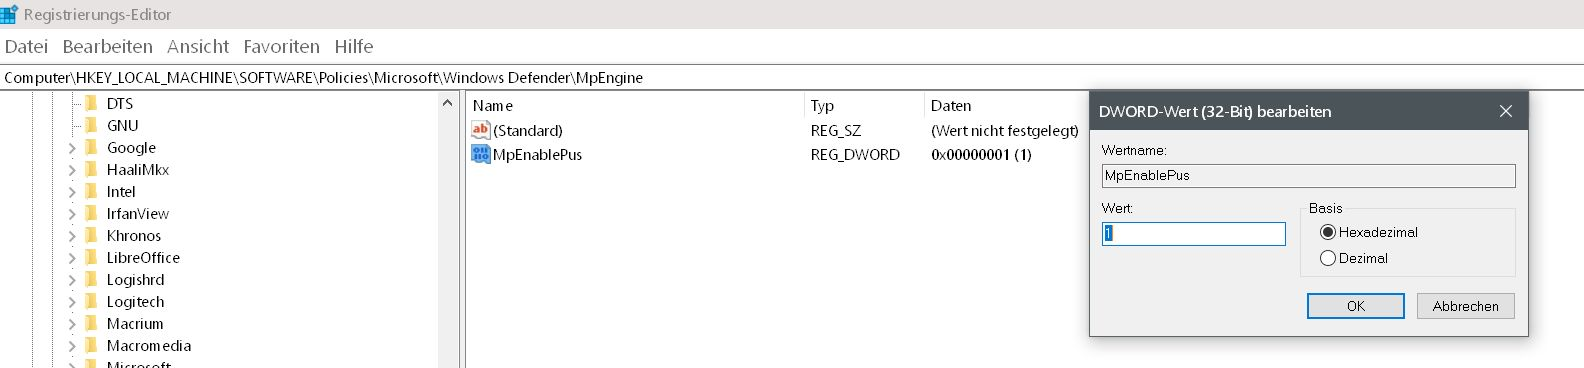 wert auf 1 1 - Windows Defender auch mit Malware-Schutz